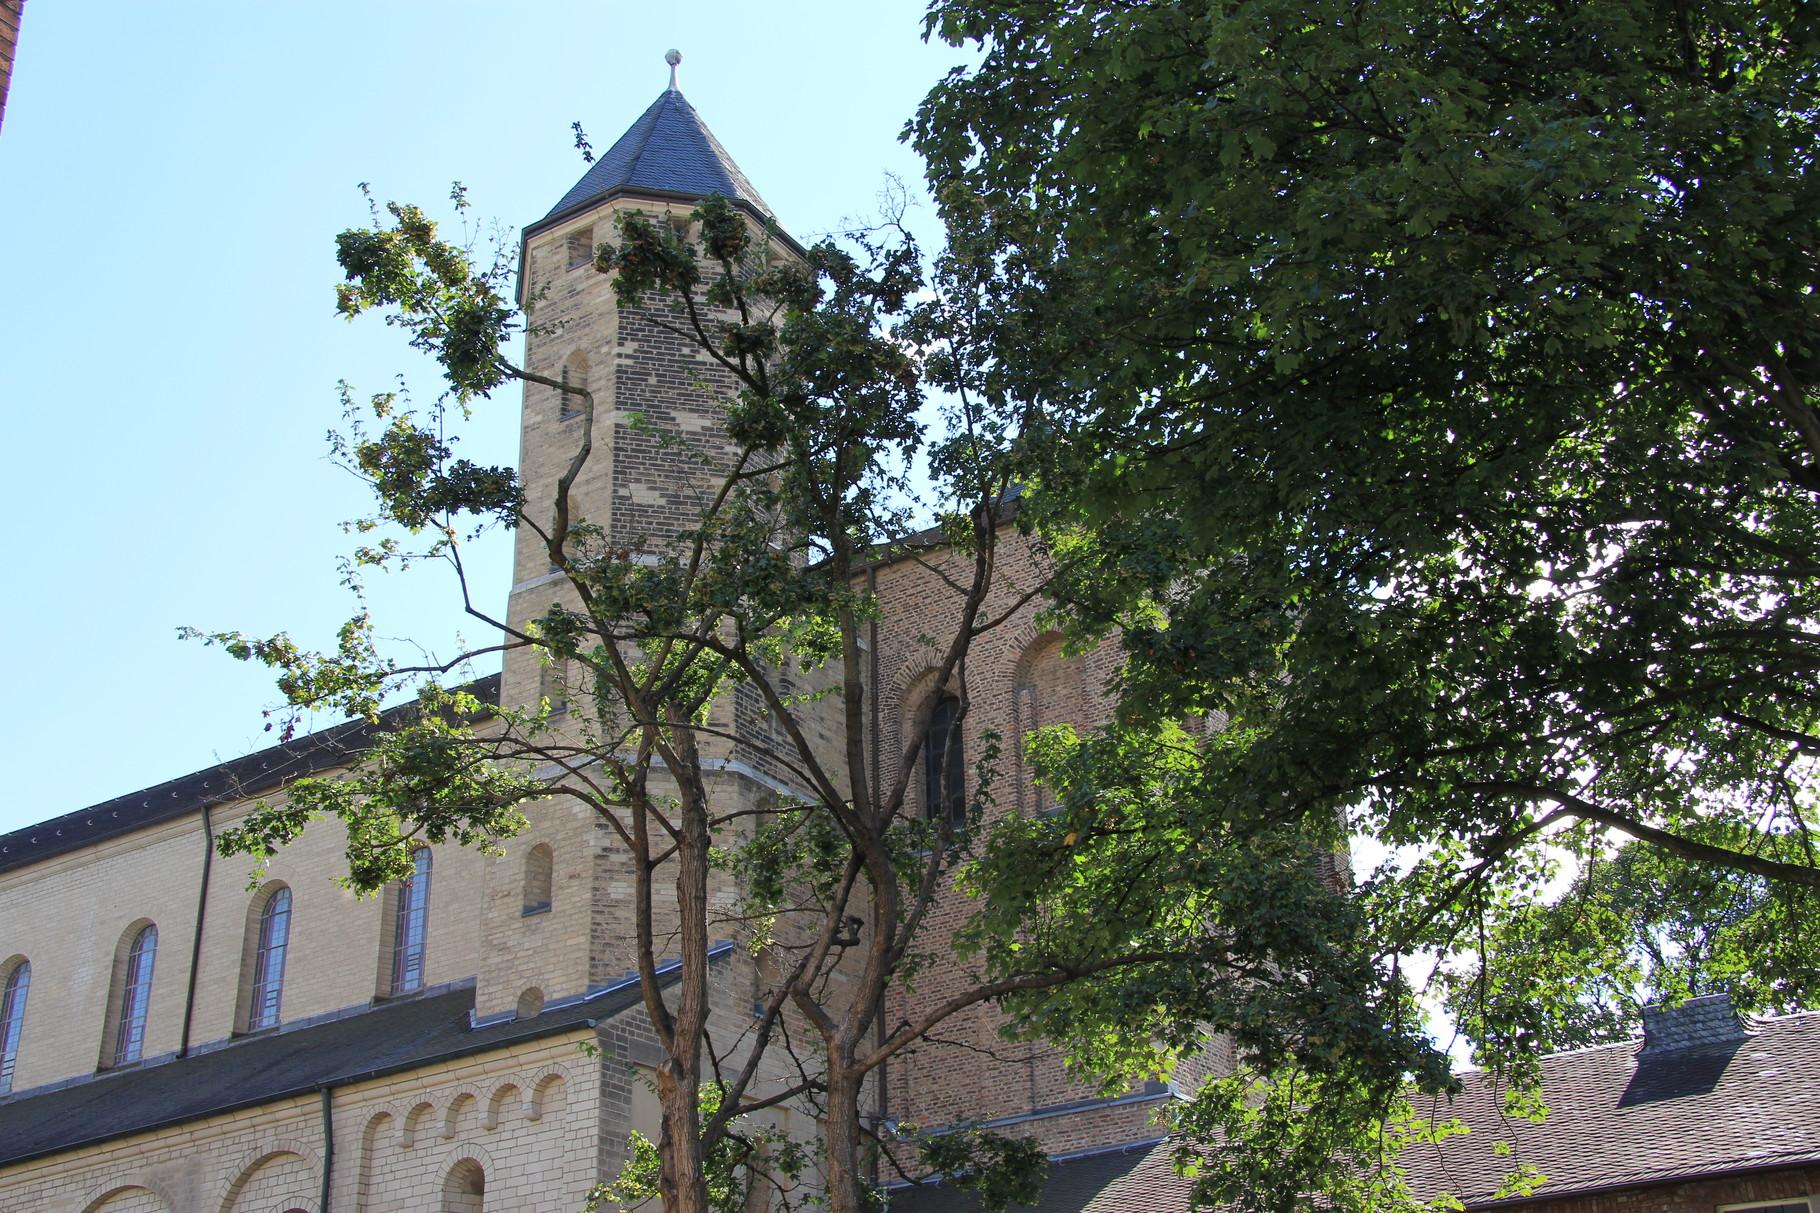 Führung Romanische Kirchen - St. Maria im Kapitol  (nahe Heumarkt)